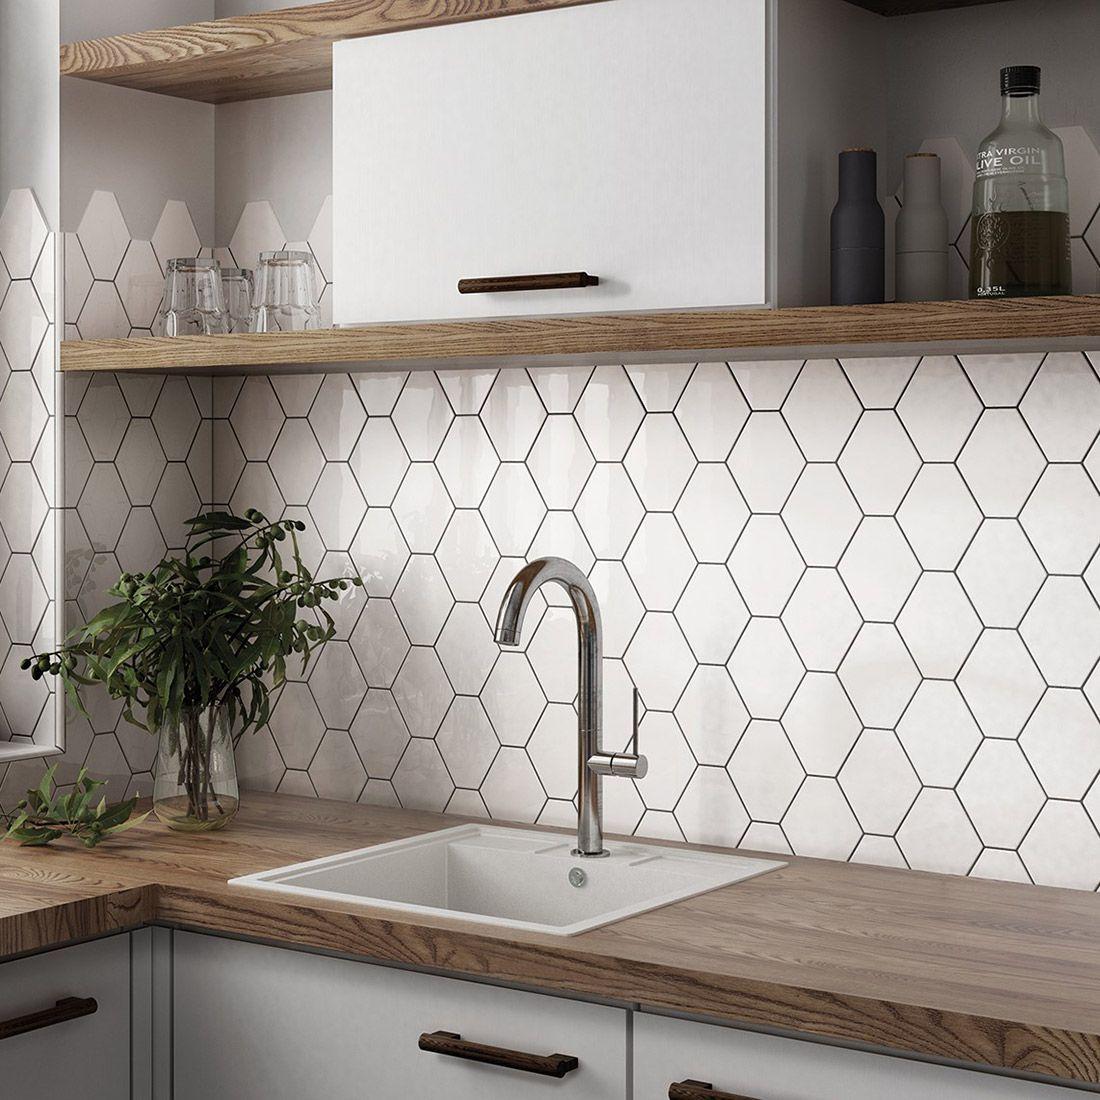 Hexagon Tiles Direct Tile Importers Modern Kitchen Tiles Kitchen Wall Tiles Hexagon Tile Kitchen